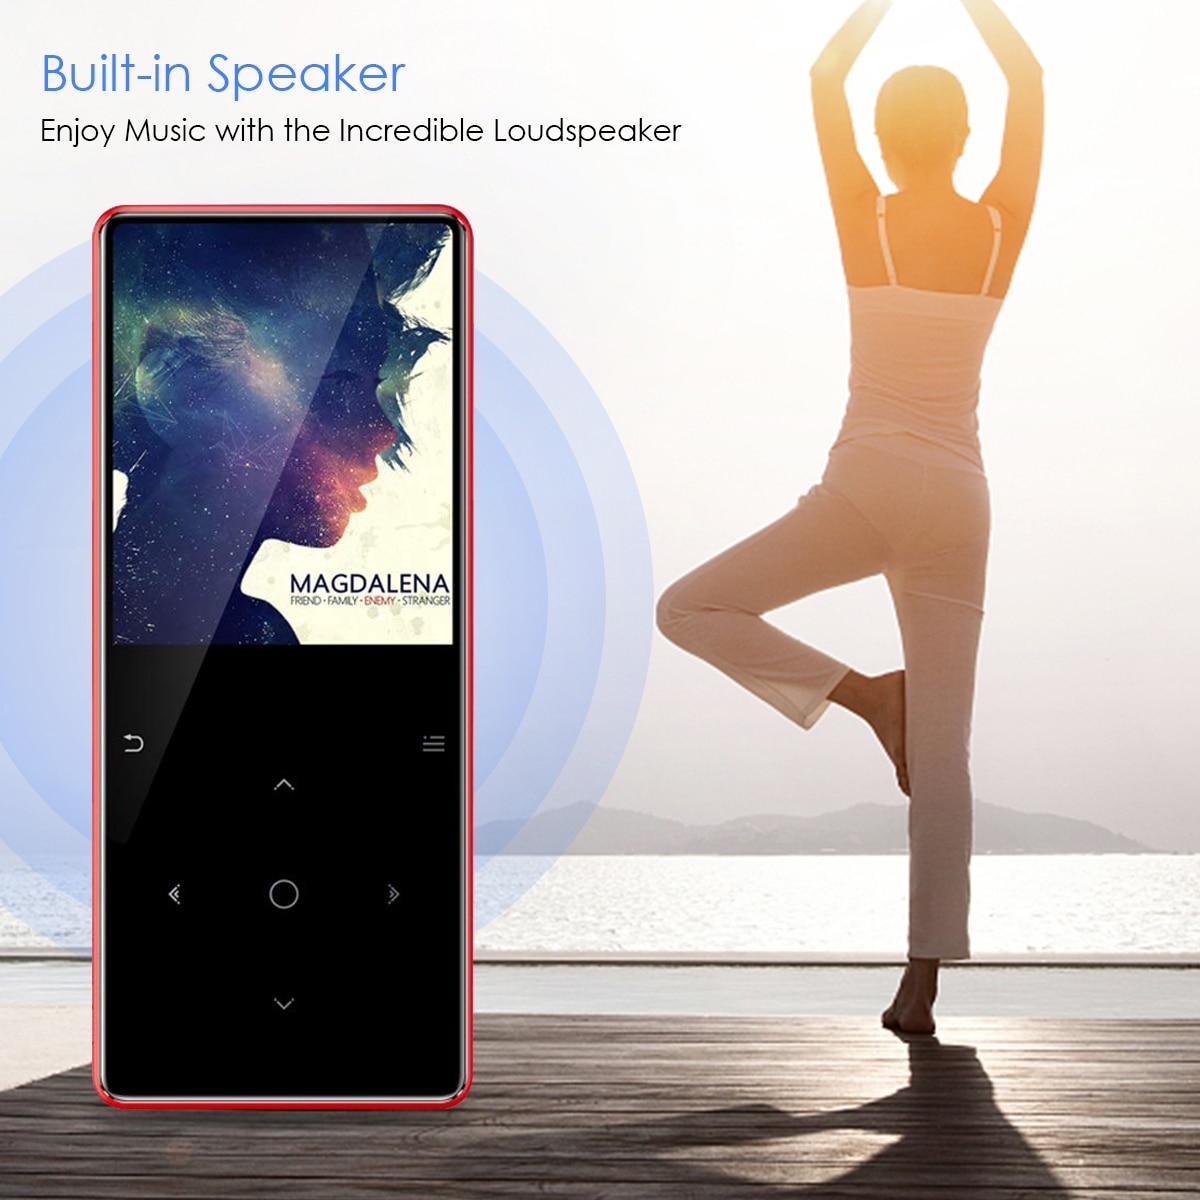 Lecteur MP3 Bluetooth de marque 8 GB lecteur multimédia de musique USB enregistreur vocal FM réveil E-book avec prise en charge casque carte TF - 6